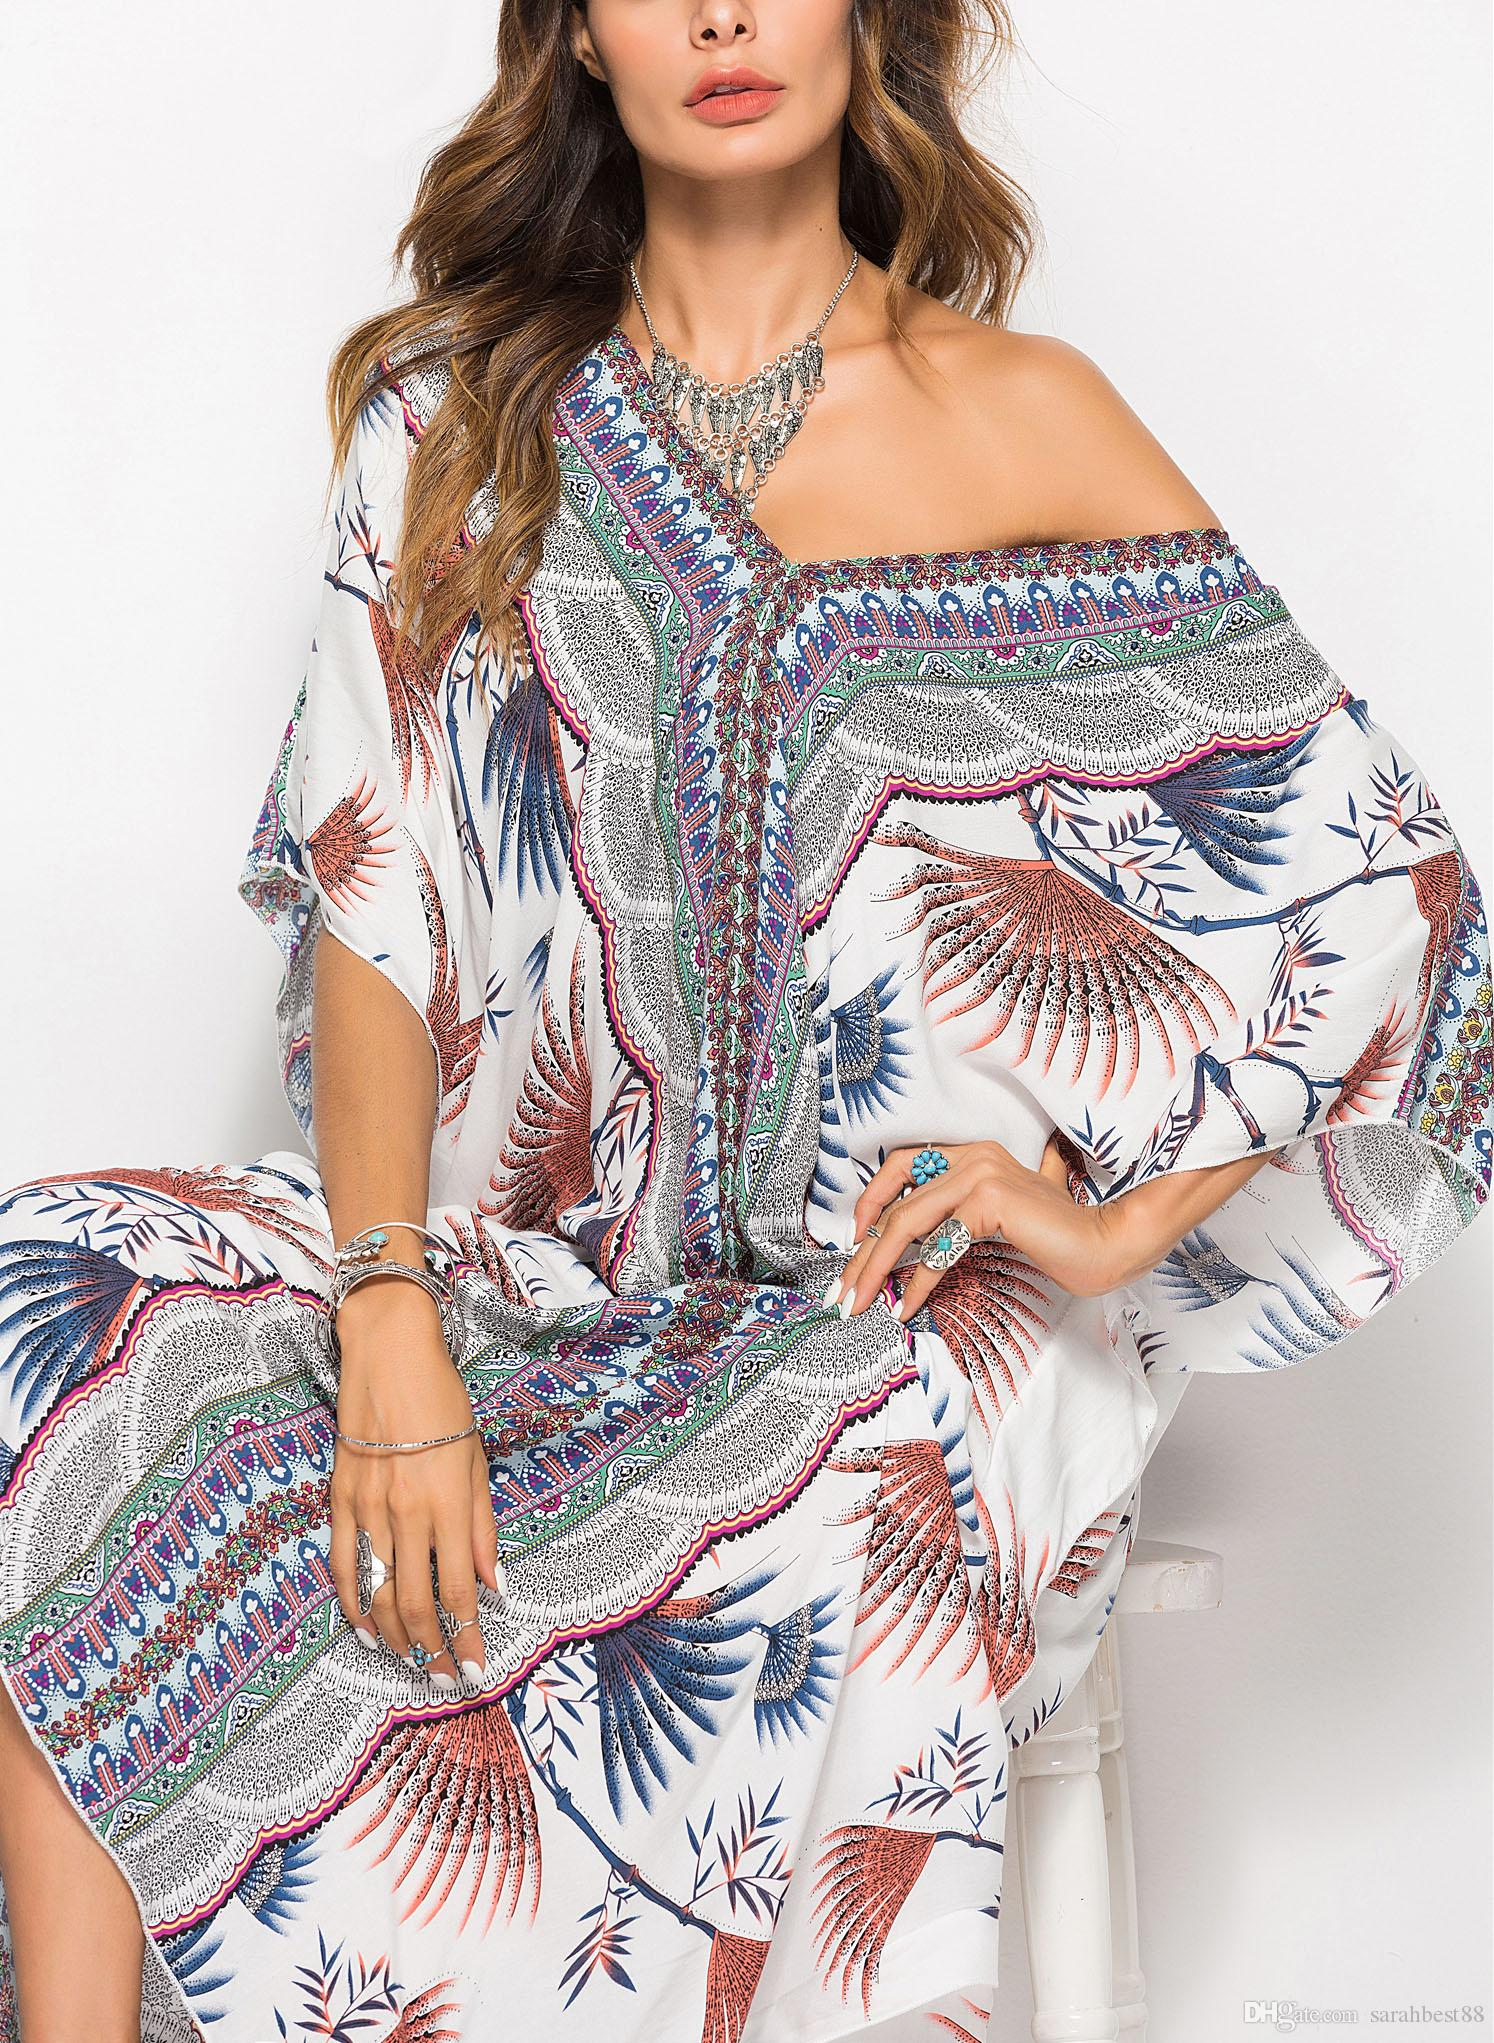 Beach Maxi Swing Print Print Женщины V-образным вырезом Короткое платье Пляж Флористическая Свободная длинная пляжная одежда Kaftan Рукав ИБП Пончо Ночная одежда Крышка Халата KPQIC